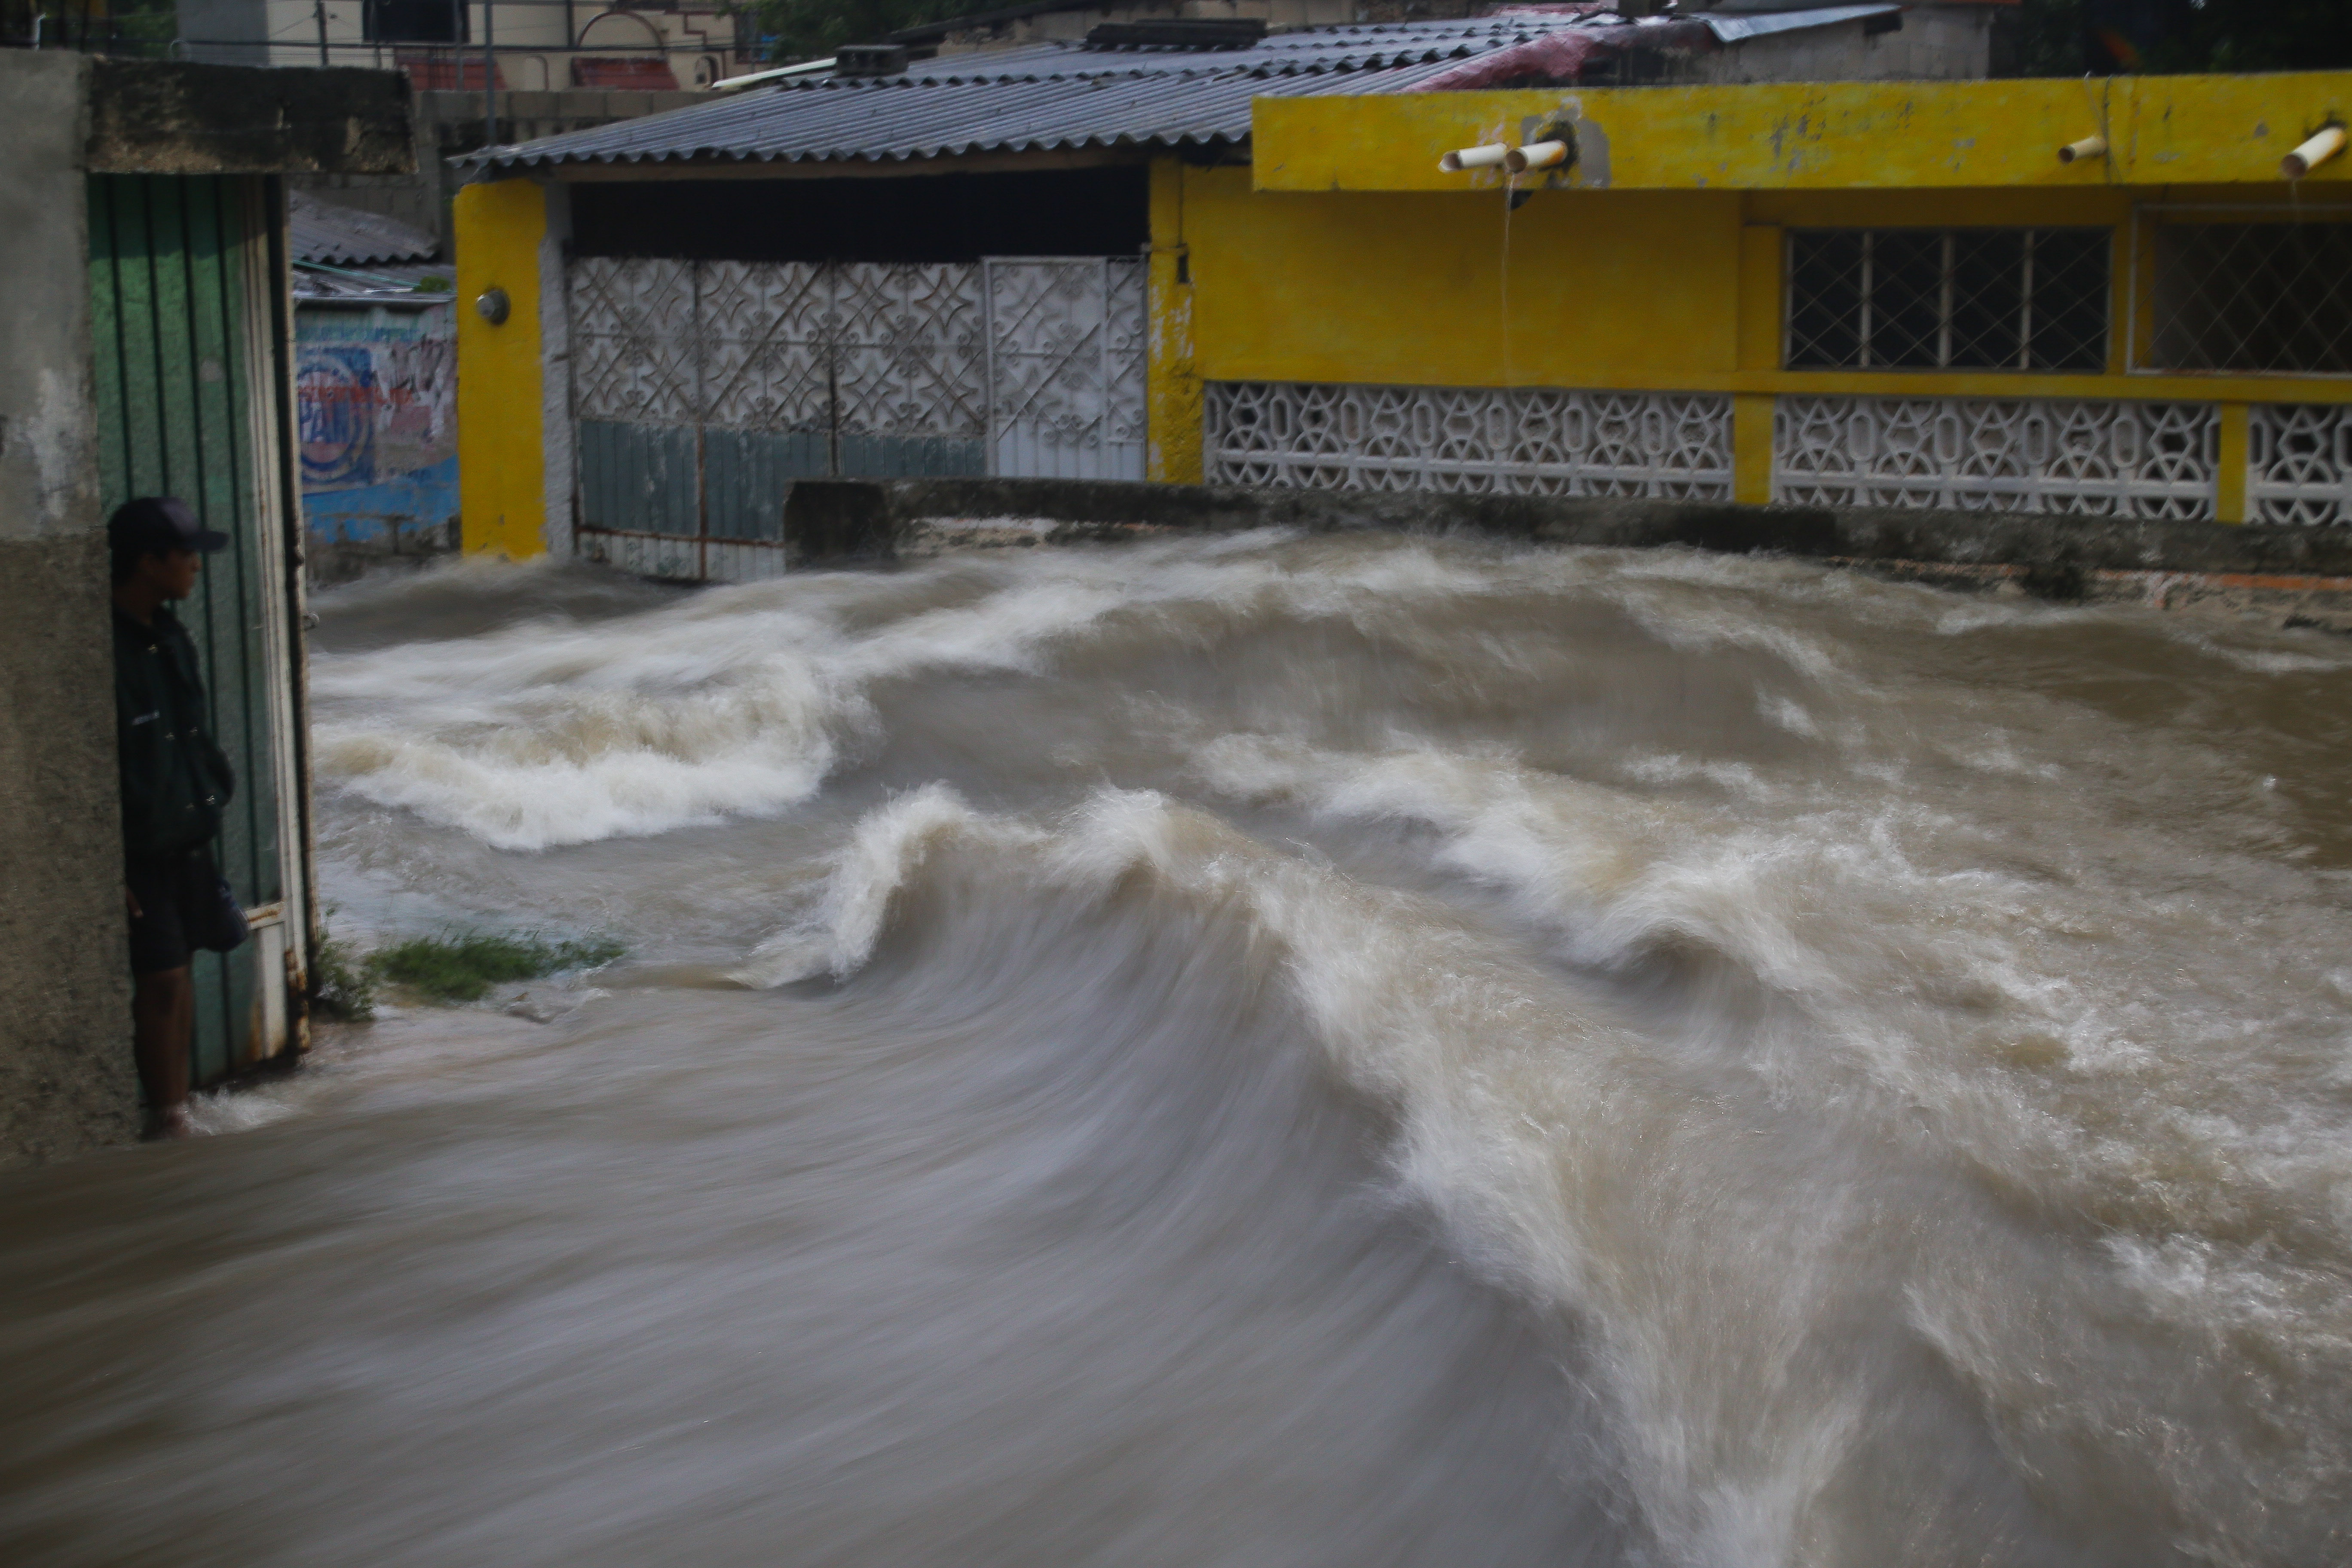 Imagen de las afectaciones del huracán 'Franklin' a su paso por Campeche, cuando aún era tormenta tropical. FOTO: MARTÍN ZETINA /CUARTOSCURO